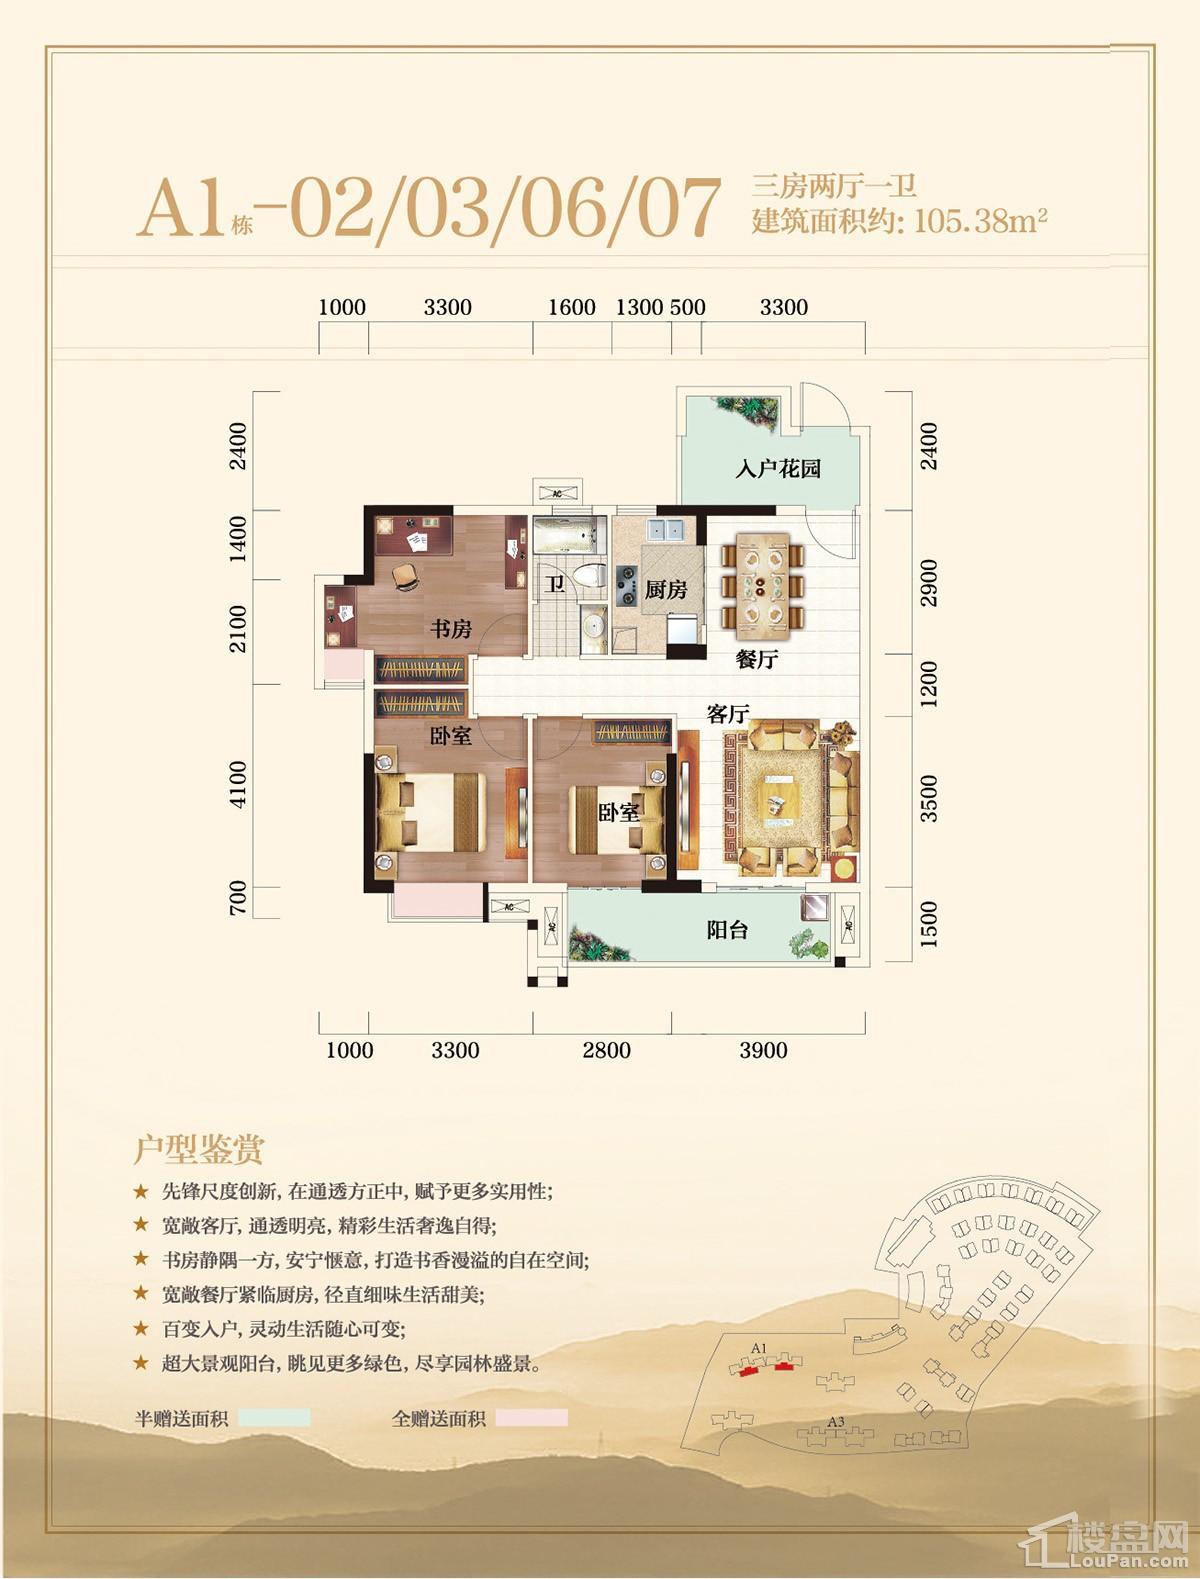 九龙湾A1栋02030607户型